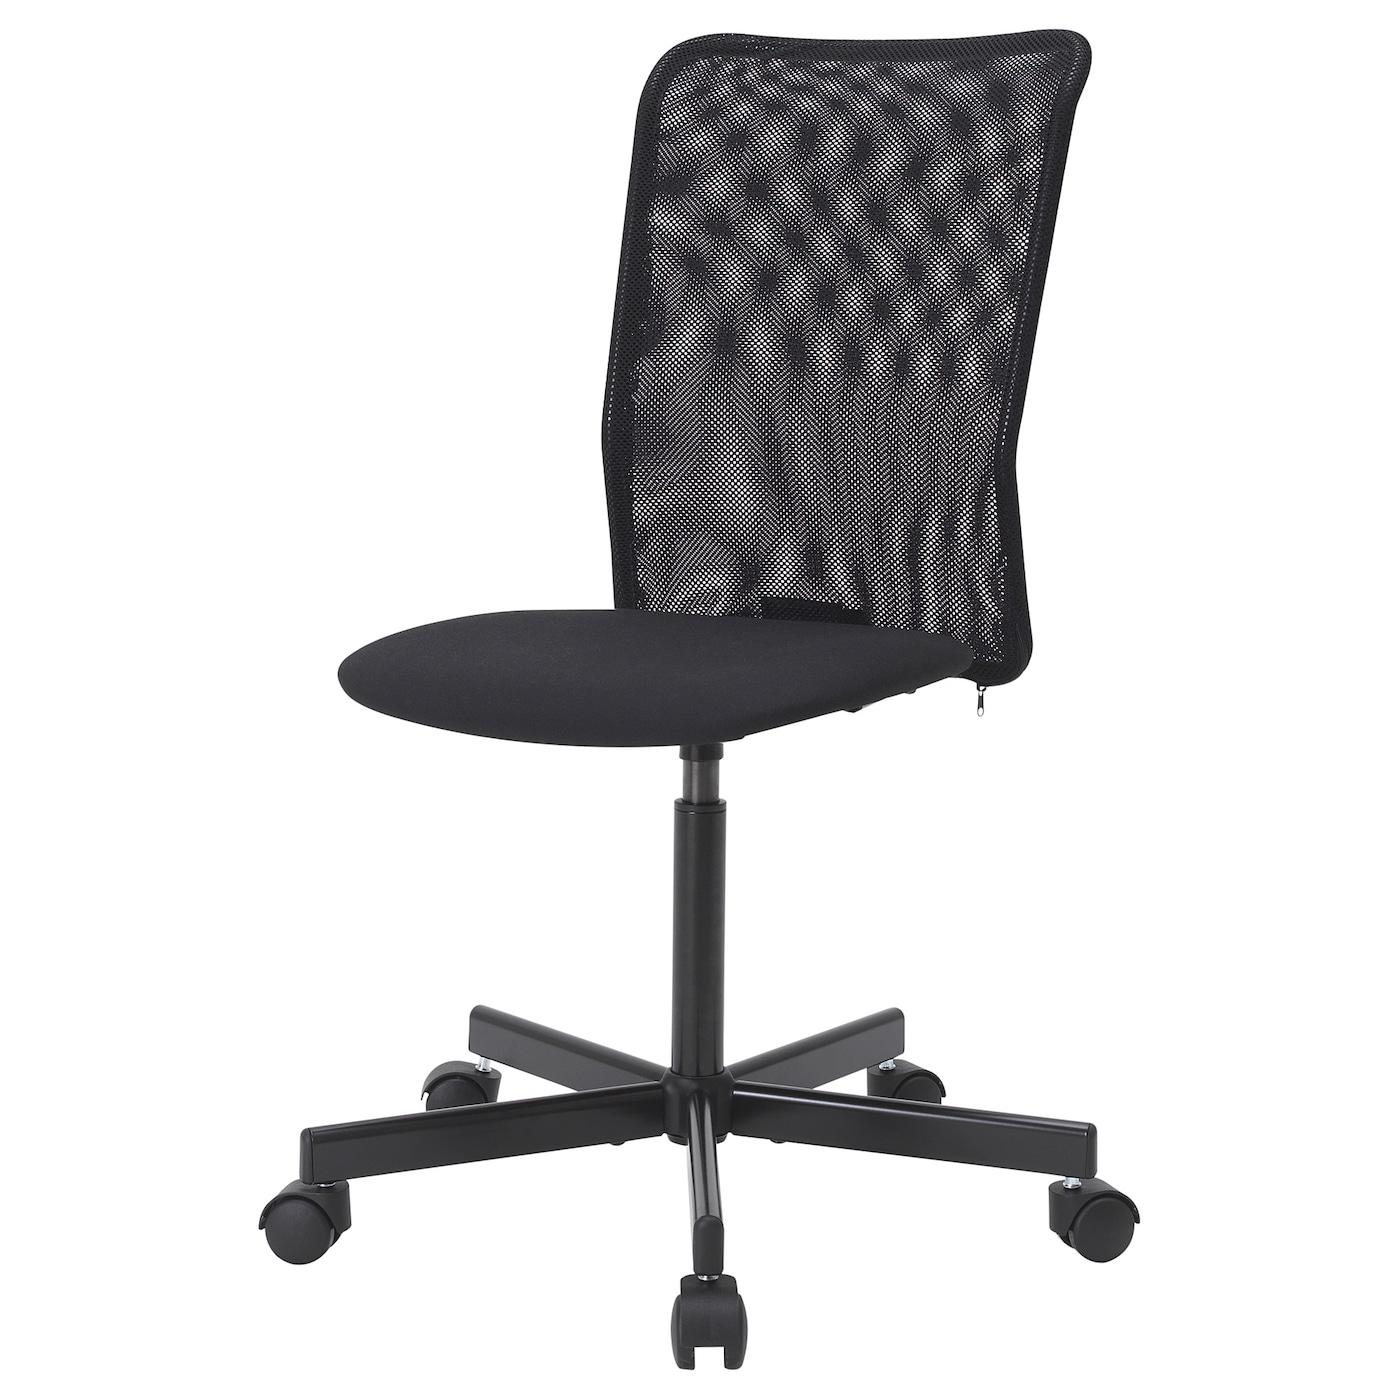 IKEA デスクチェア TOBERGET(トーベルゲット)